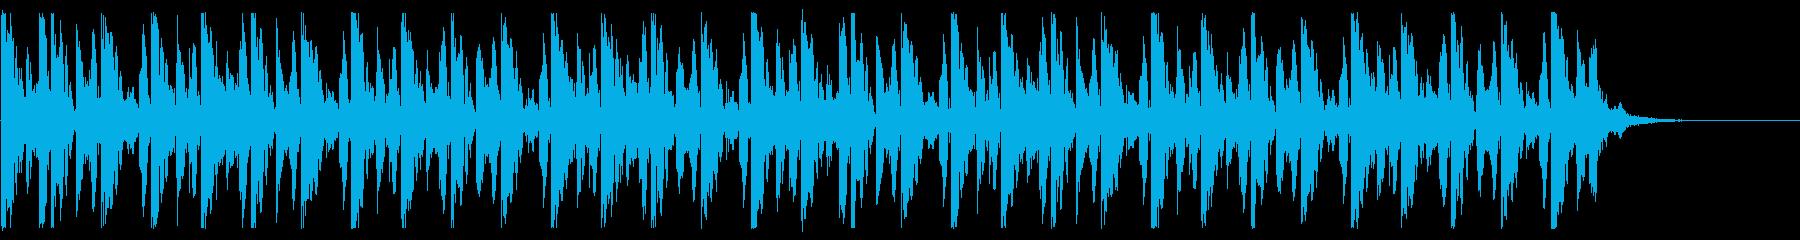 古代遺跡/ジャングル_No664_4の再生済みの波形